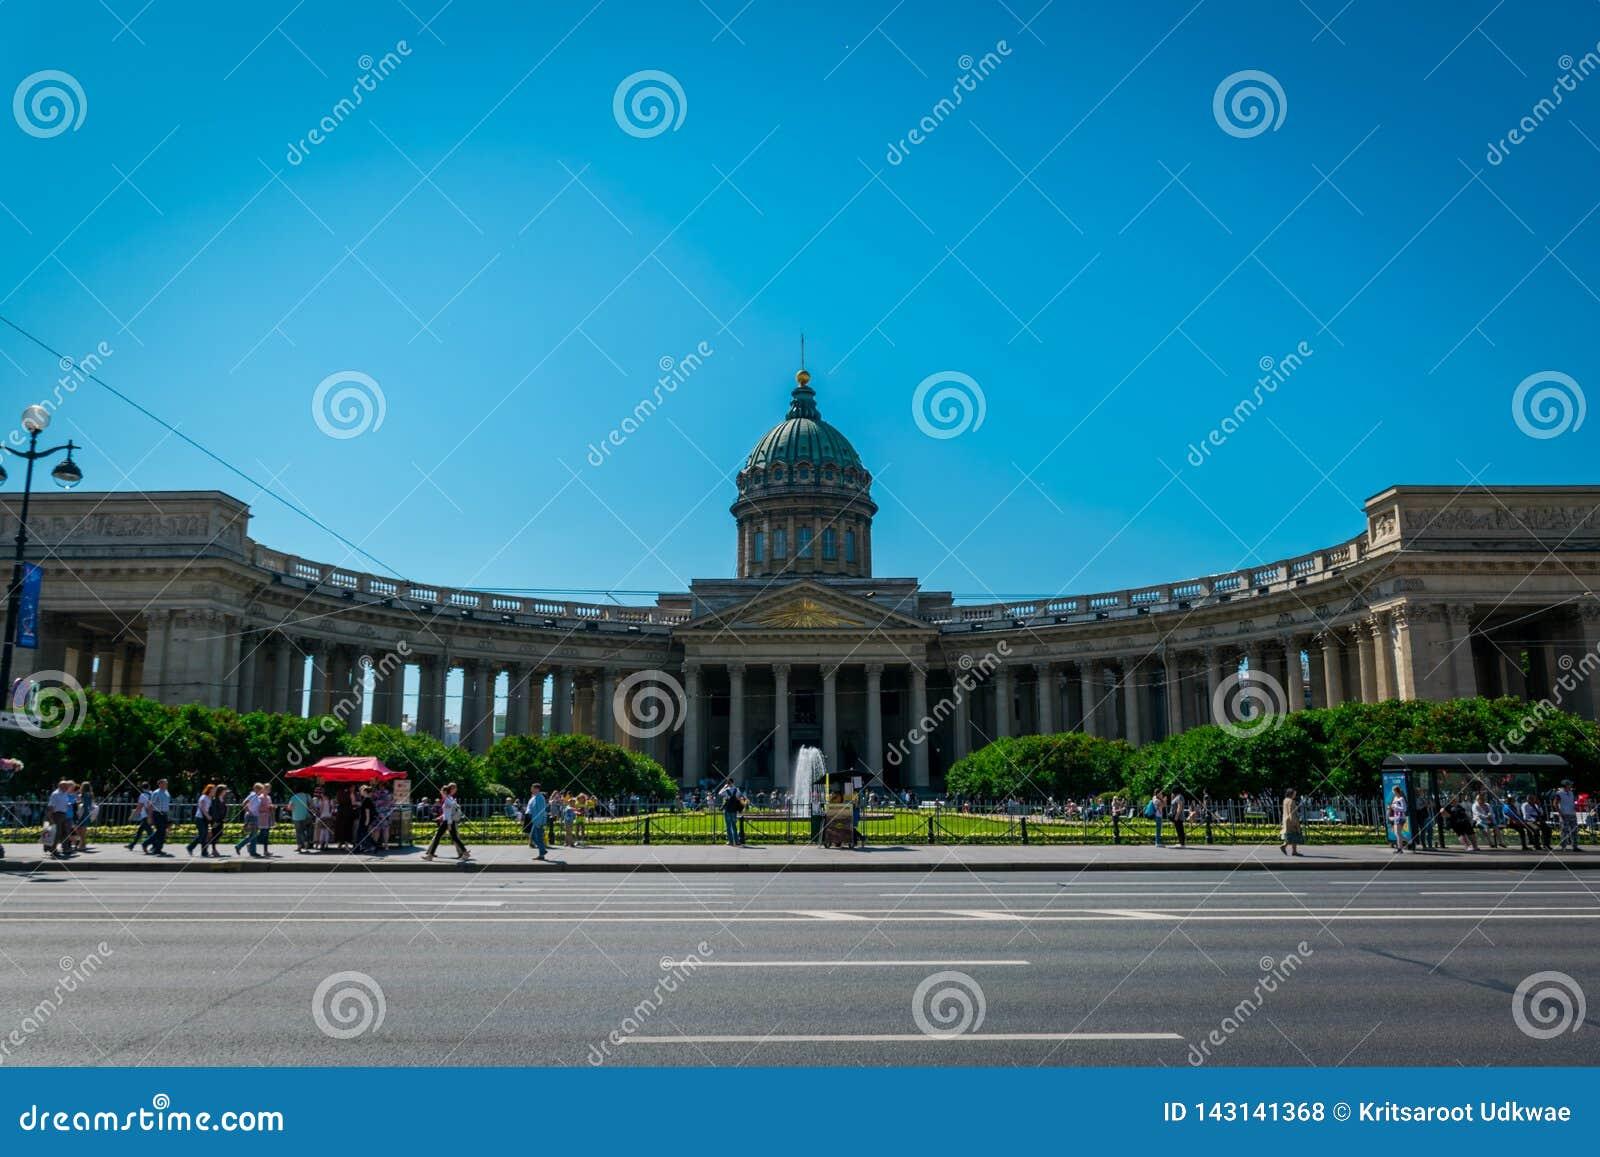 喀山大教堂在圣彼德堡,俄罗斯